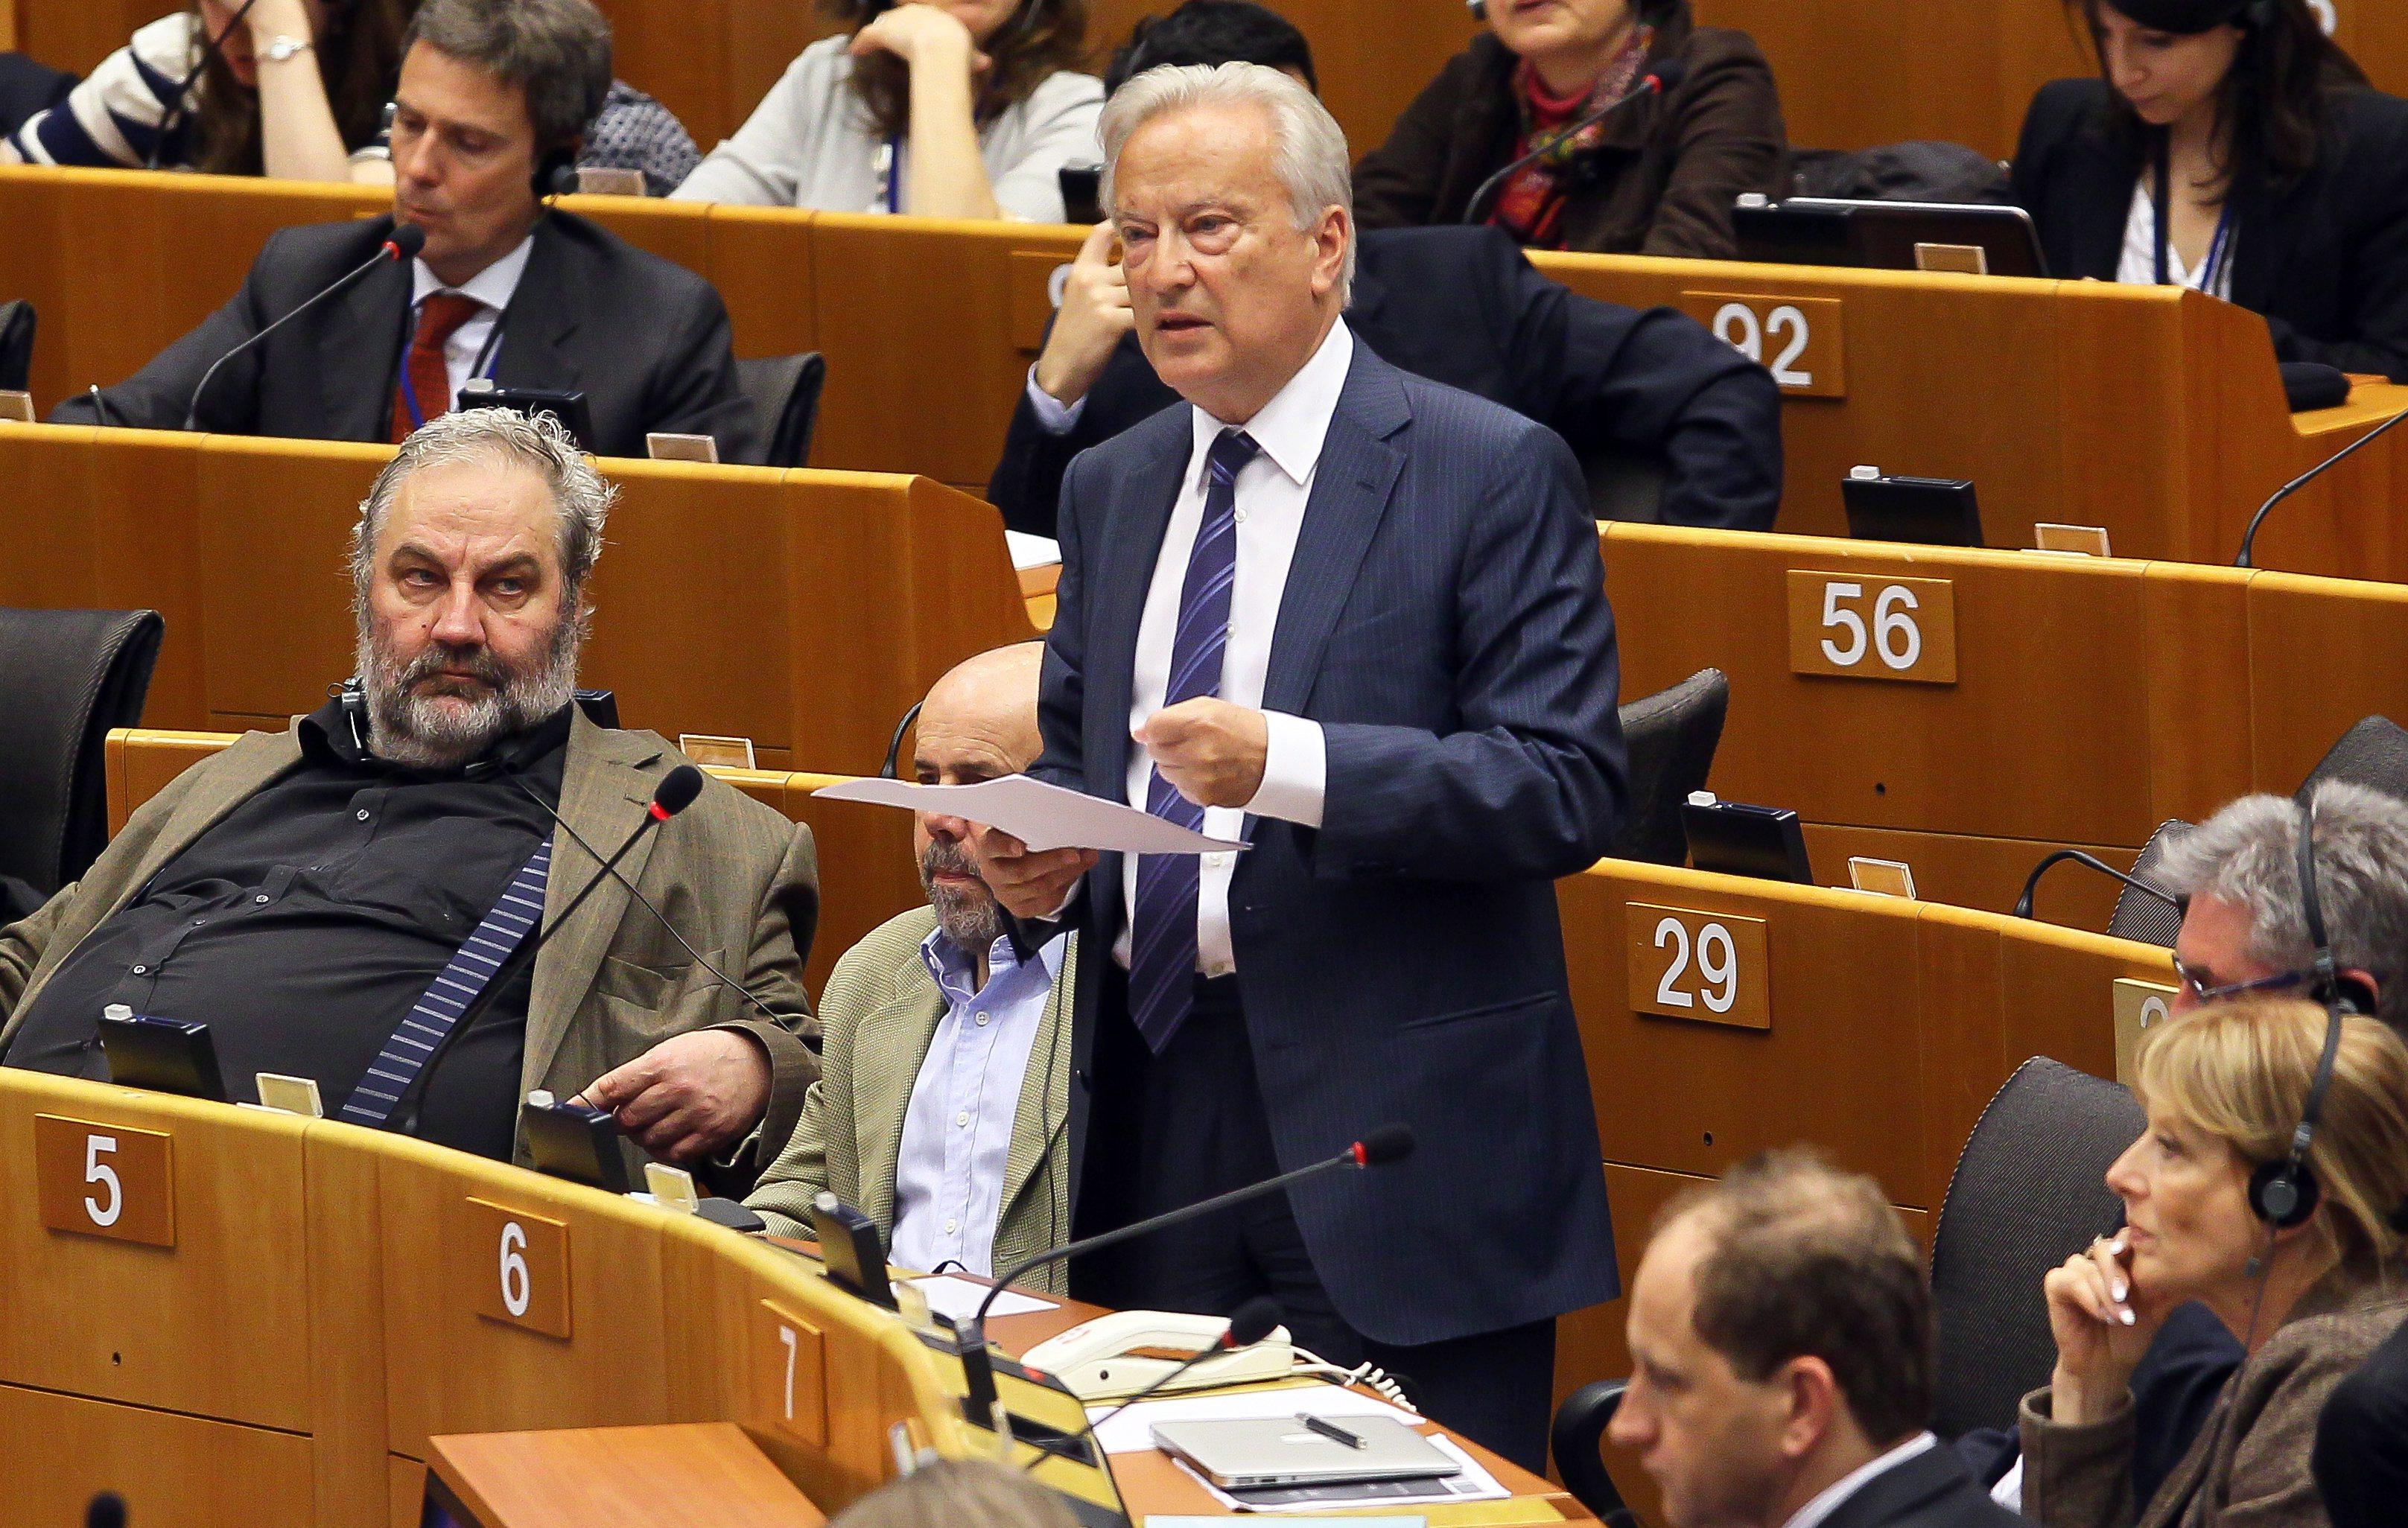 Χ. Σβόμποντα: Μεγαλύτερος έλεγχος, ή διακοπή χρηματοδότησης της Ελλάδας | tovima.gr